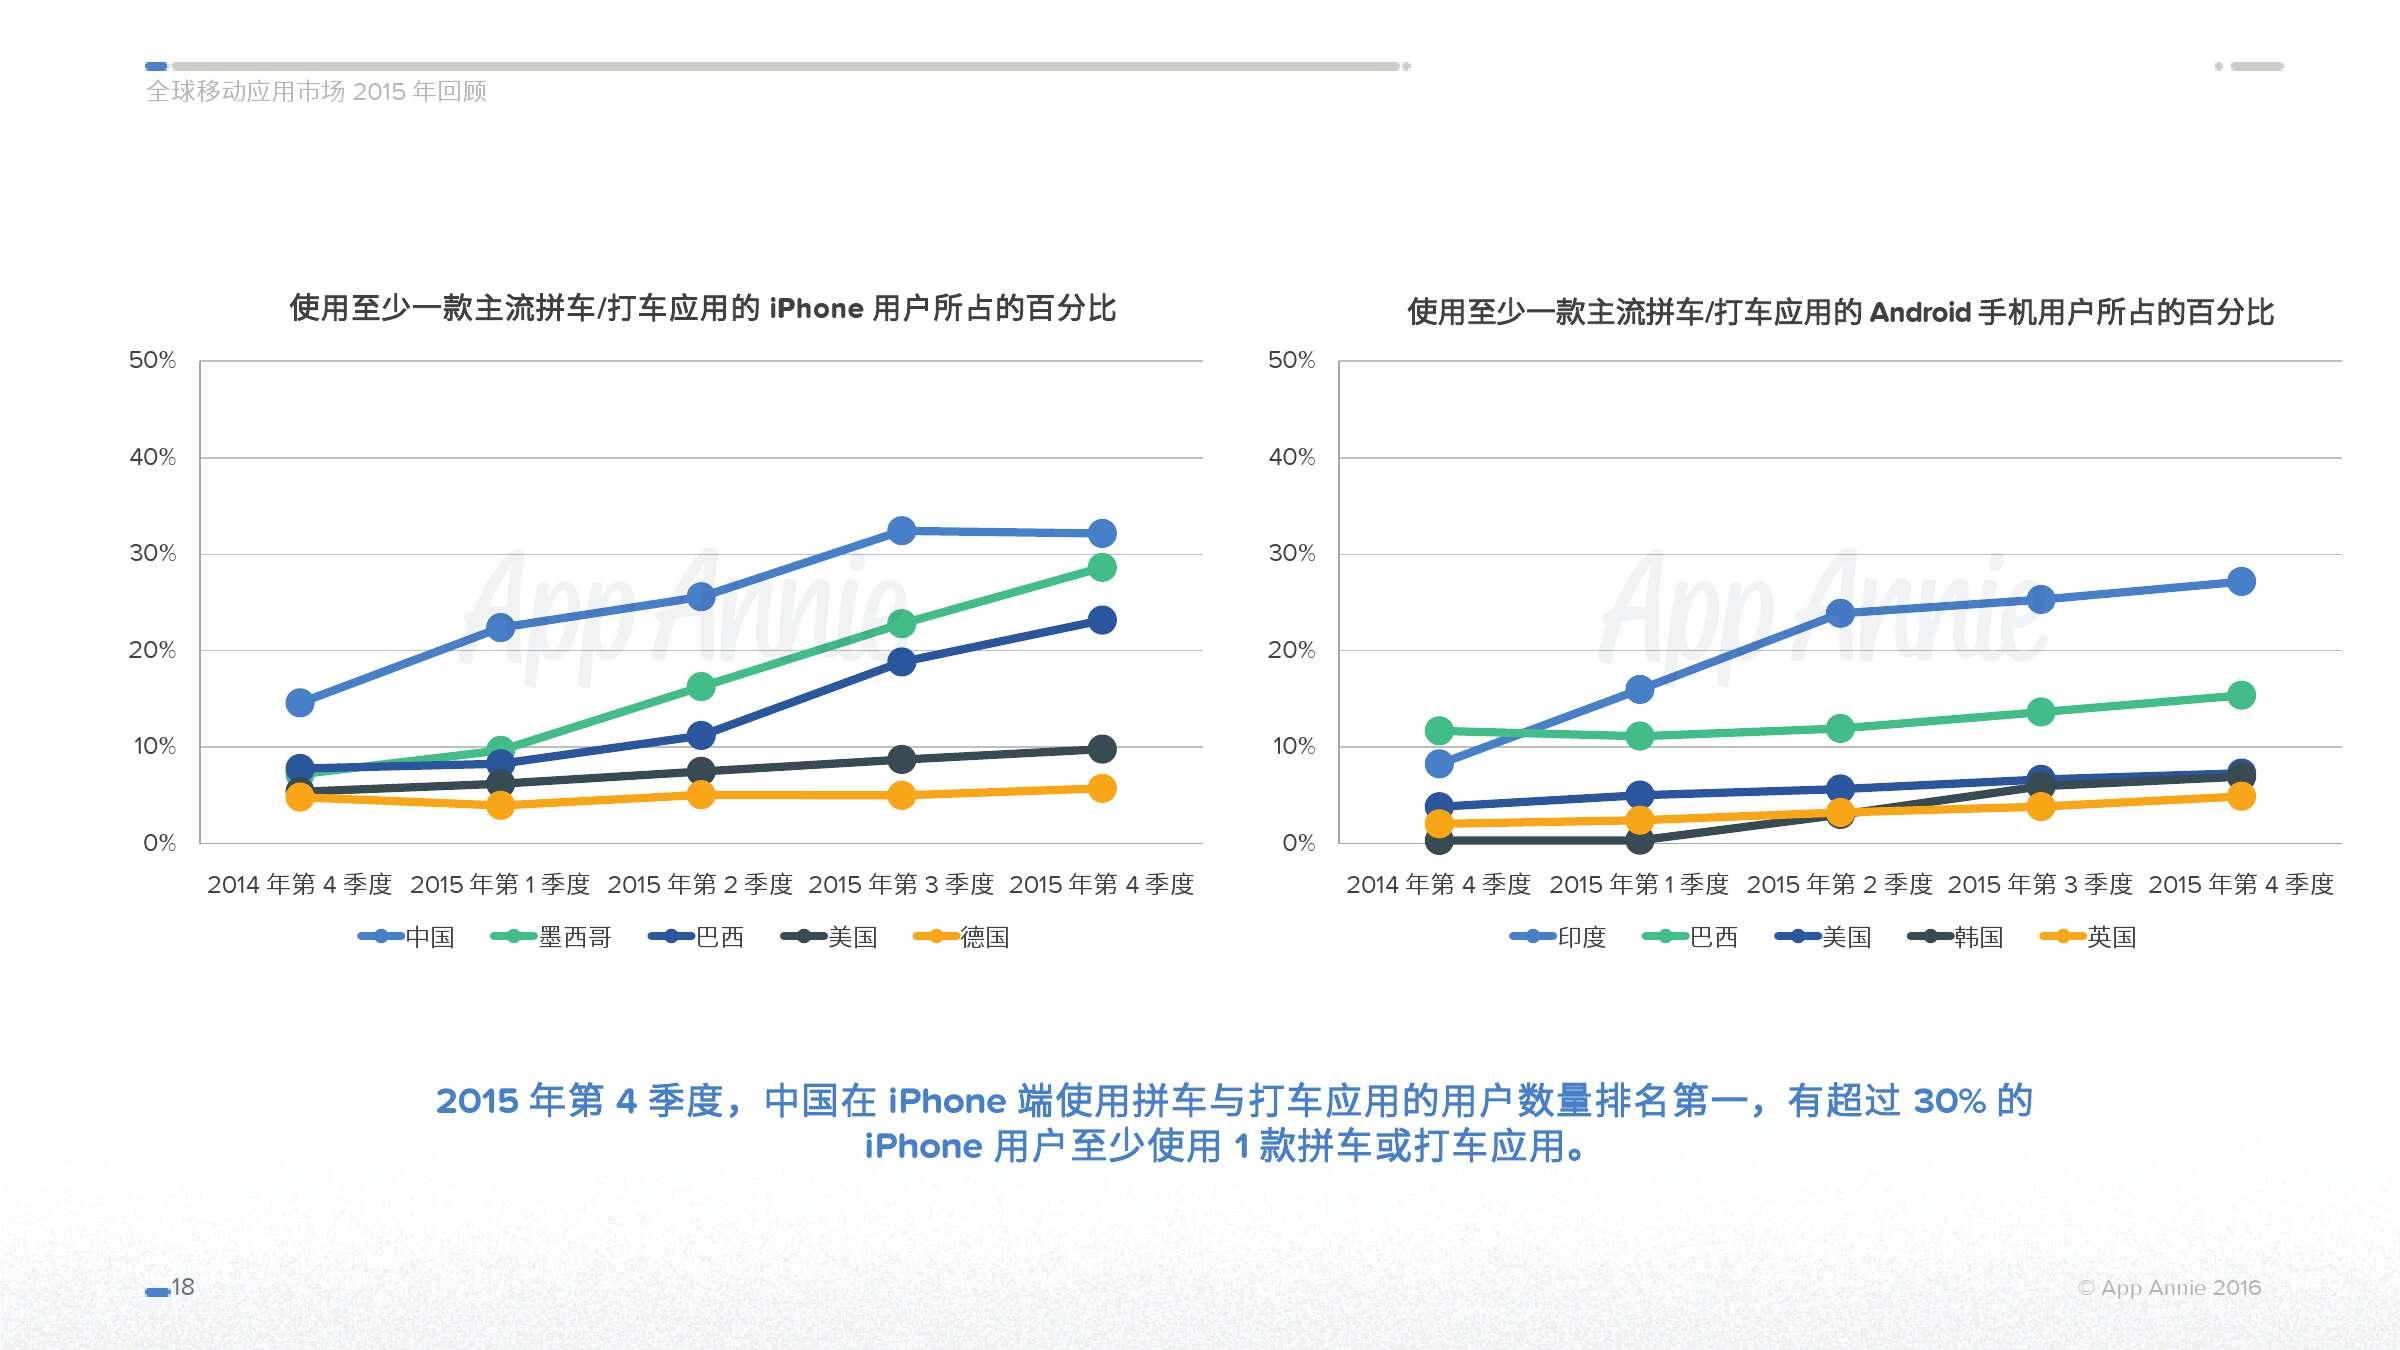 App Annie 全球移动应用市场 2015 年回顾_000018